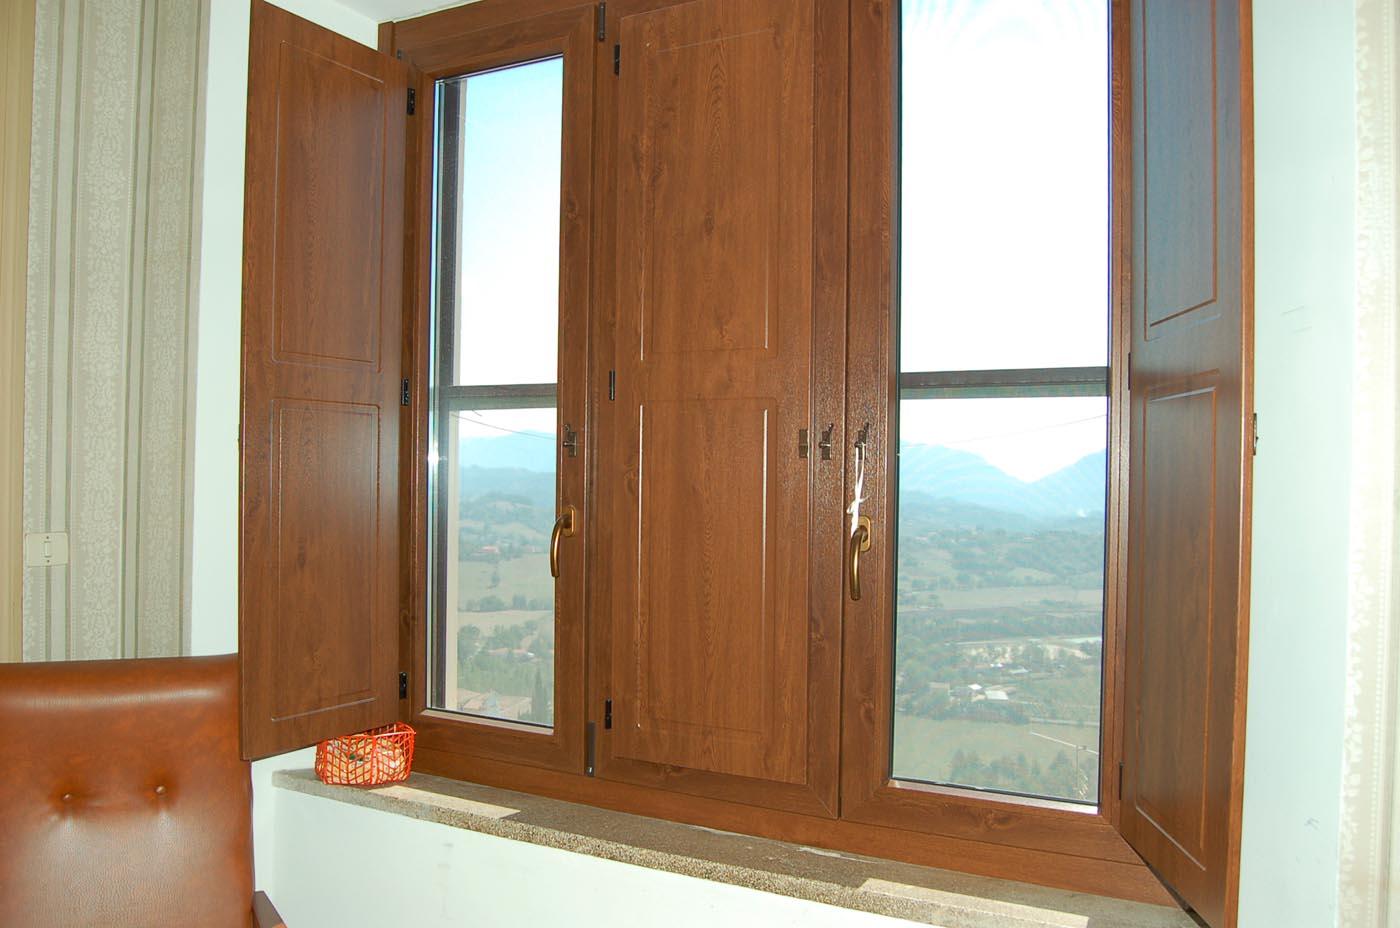 Finestre in pvc con scuri sekuro porte e finestre roma for Porte e finestre pvc